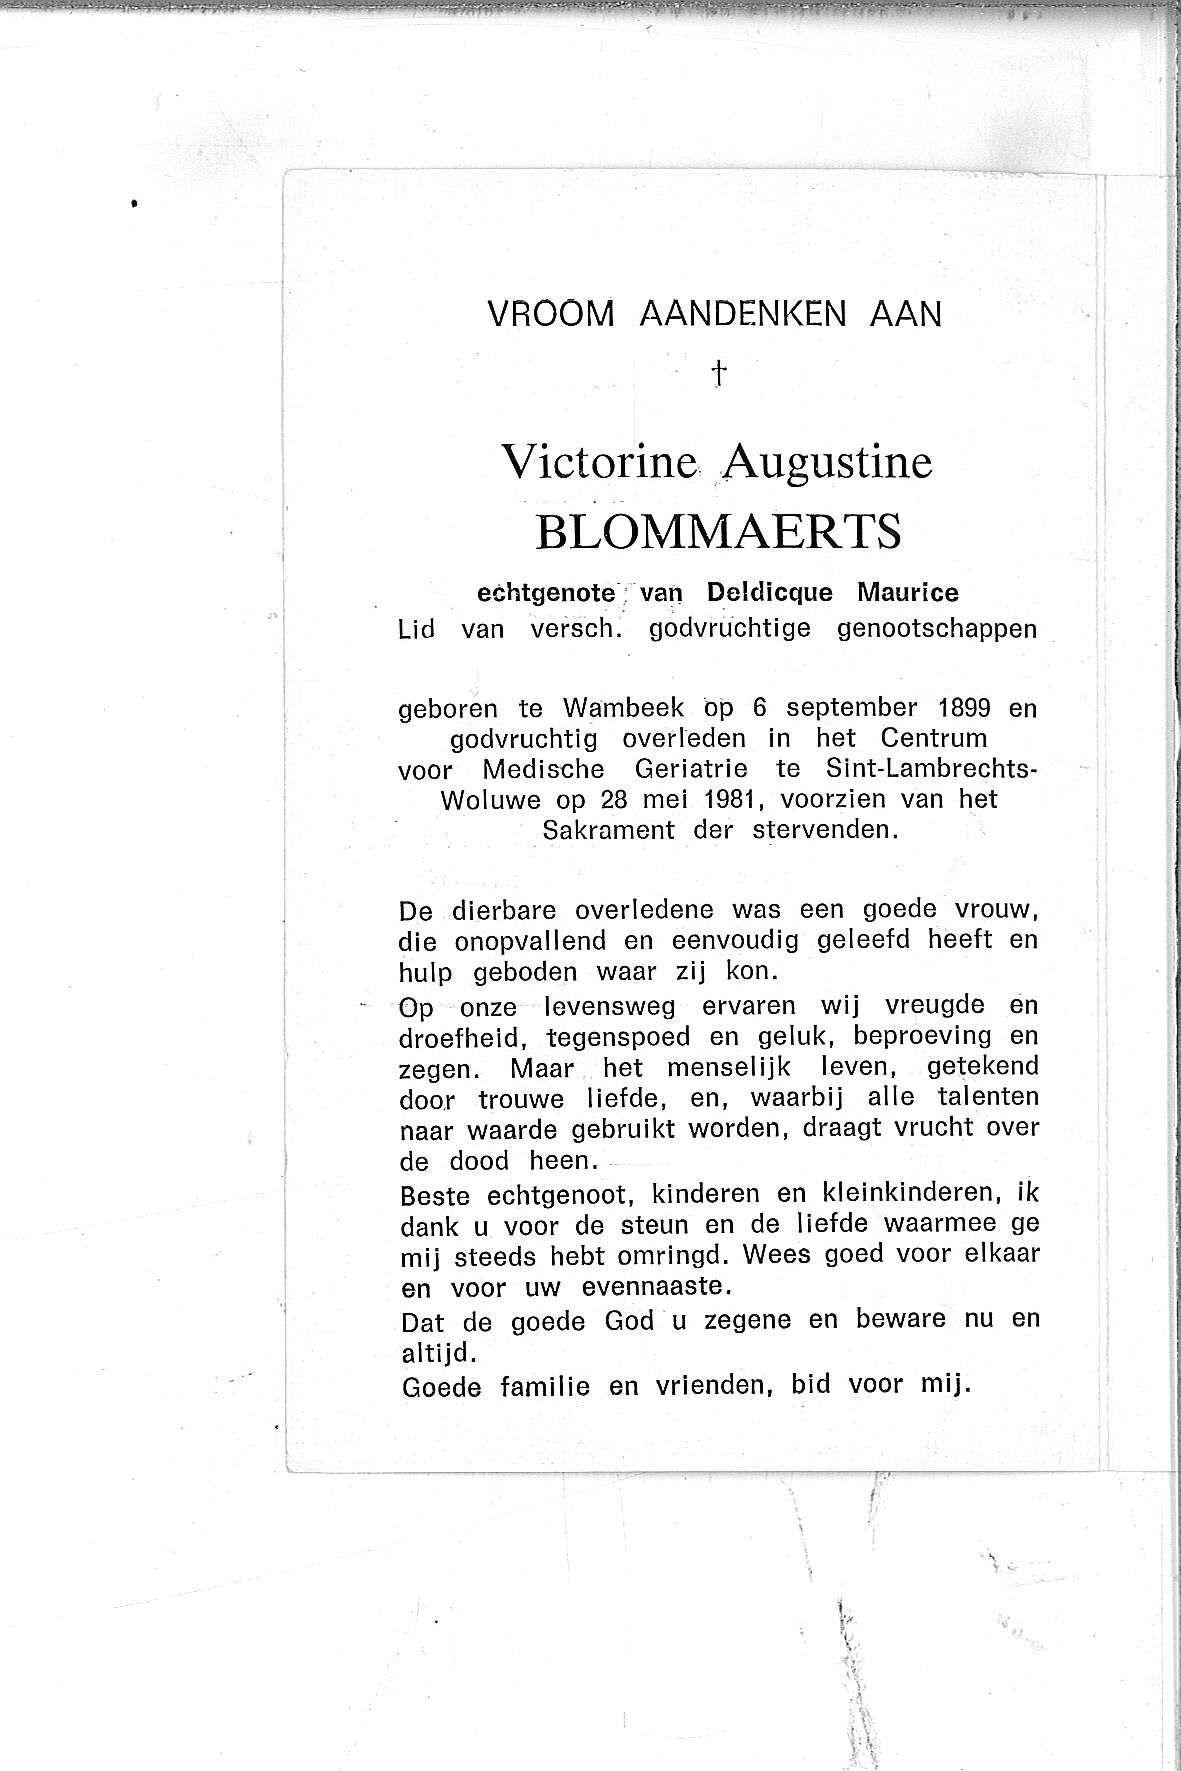 Victorine-Augustine(1981)20130905133650_00020.jpg